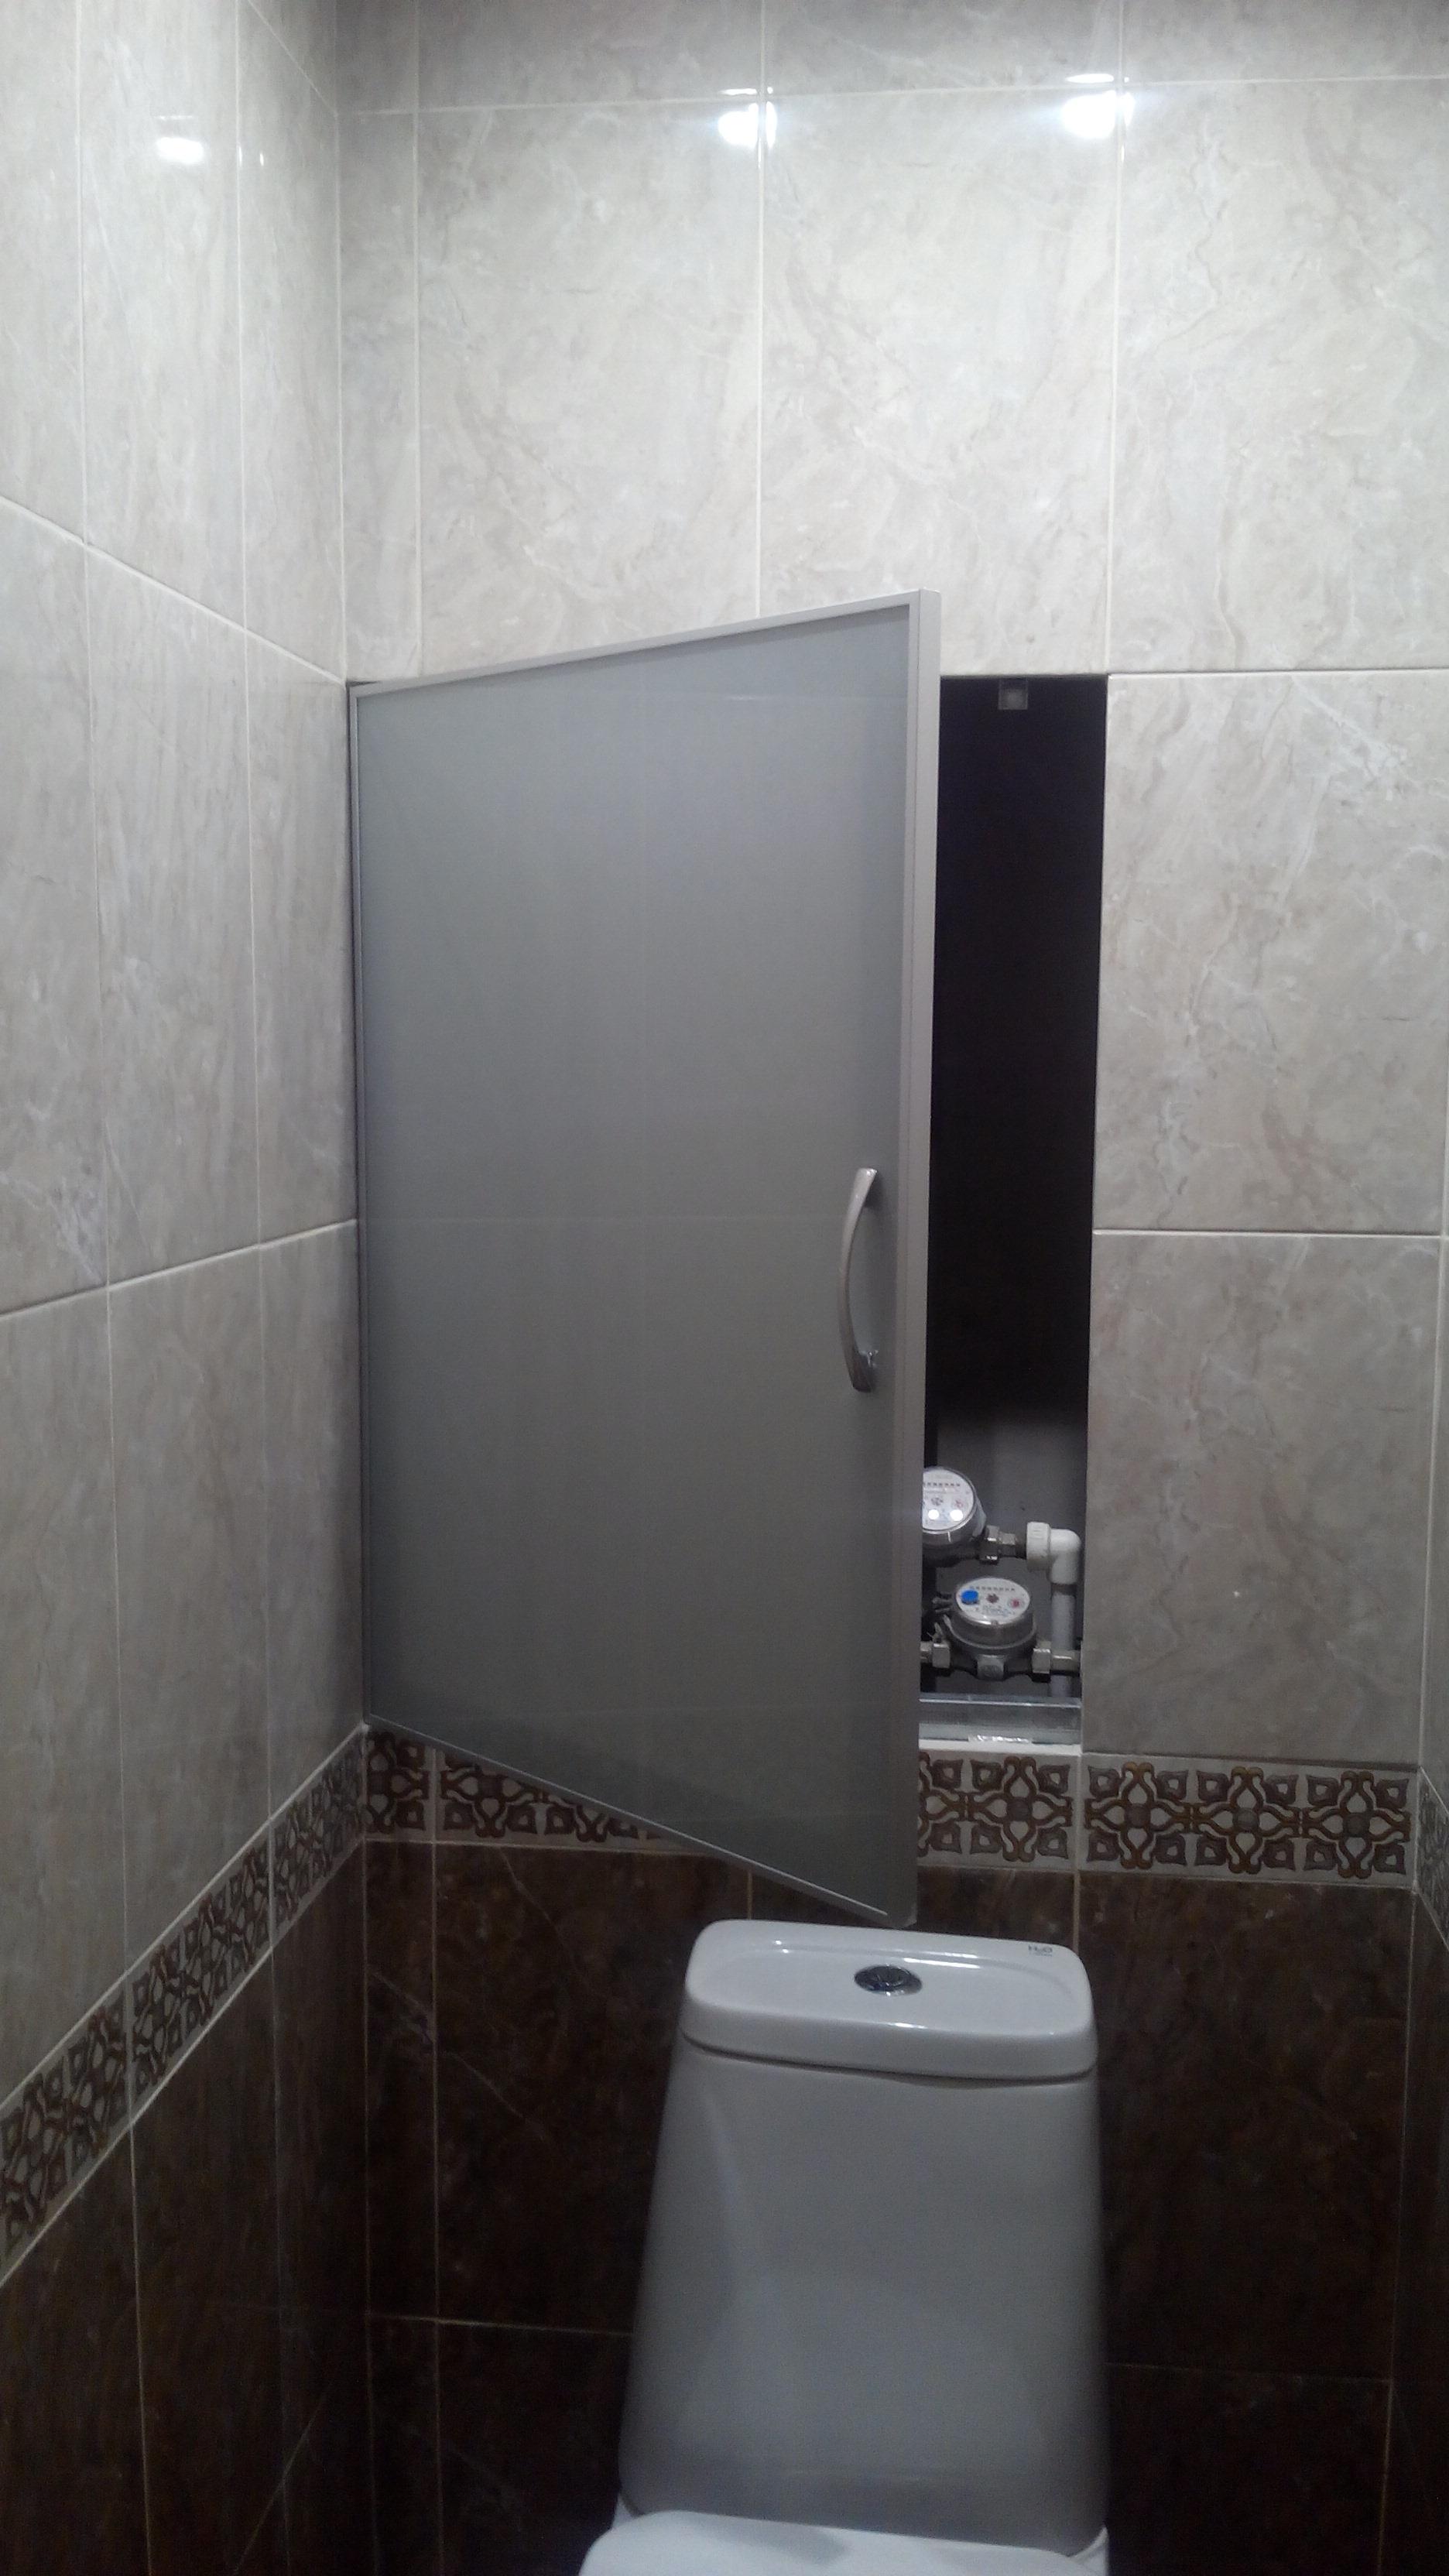 Сантехнический люк с дверкой